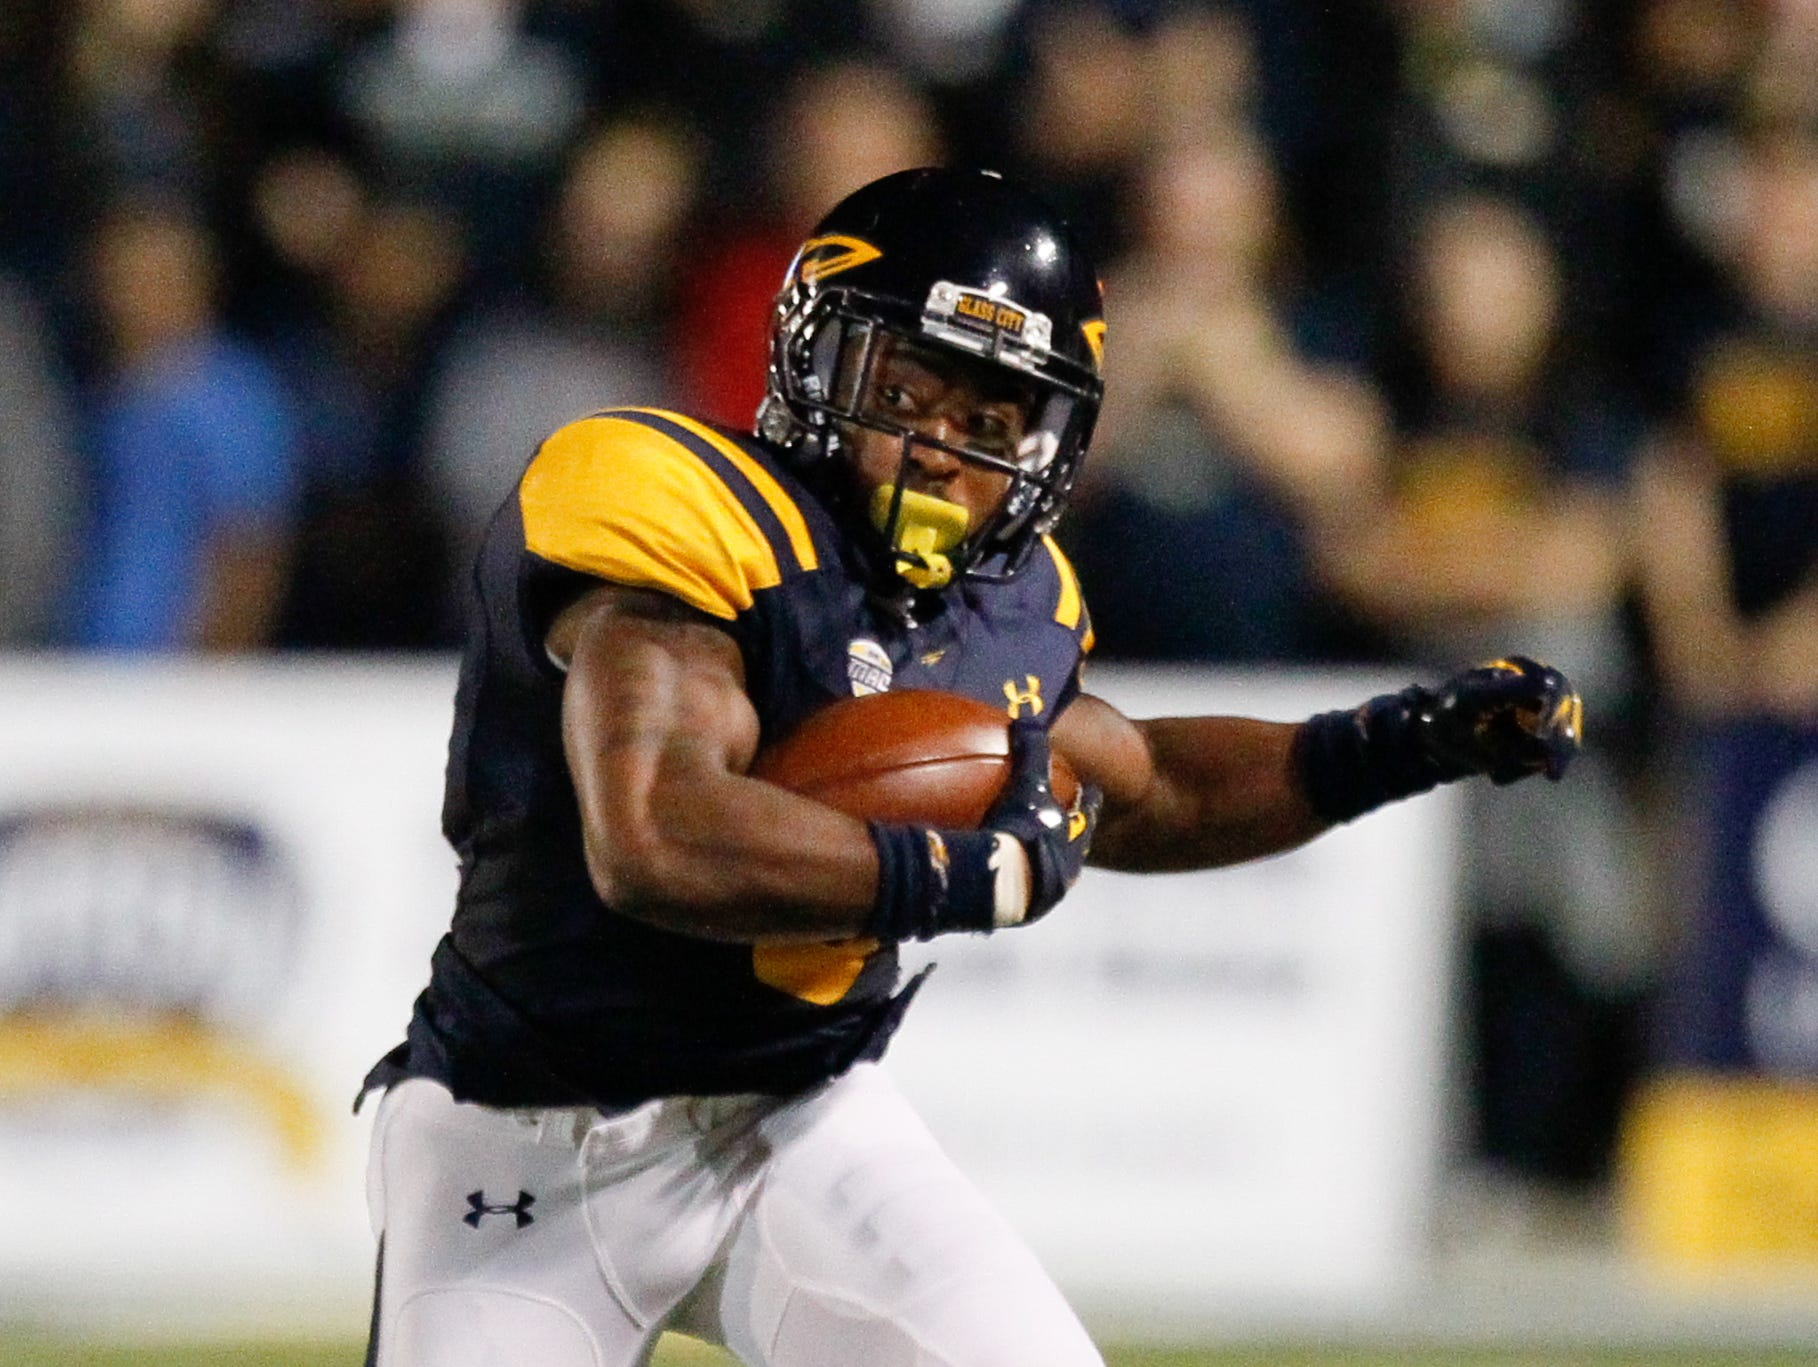 Toledo wide receiver Kishon Wilcher